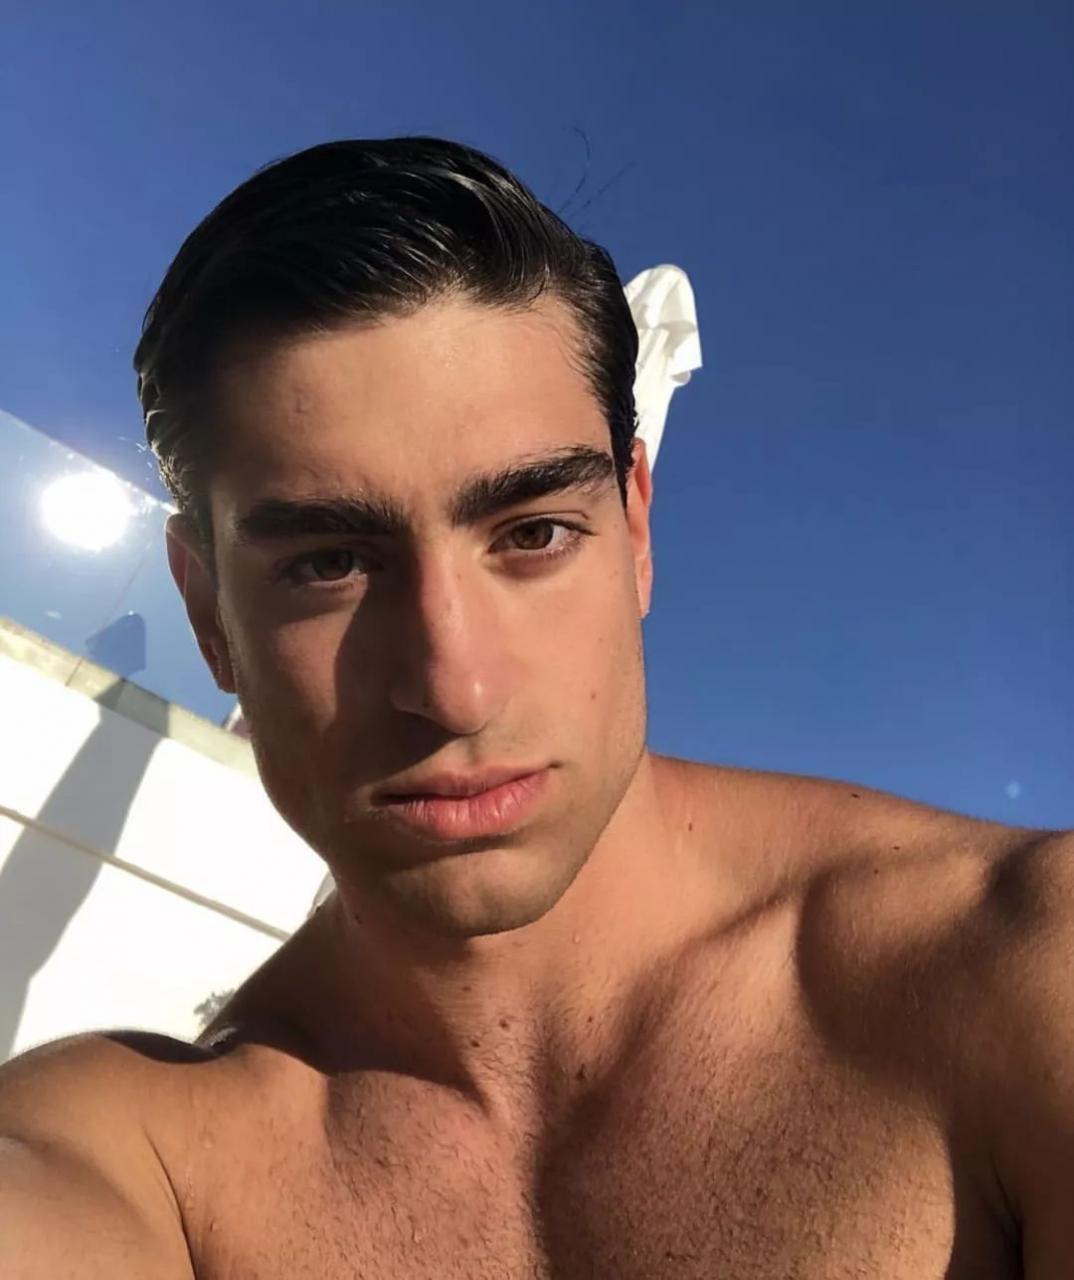 bb89238076584648a5edc4badf55b74d - 专注美黑的方脸男孩 Fabián Giraco,男友力直达Max